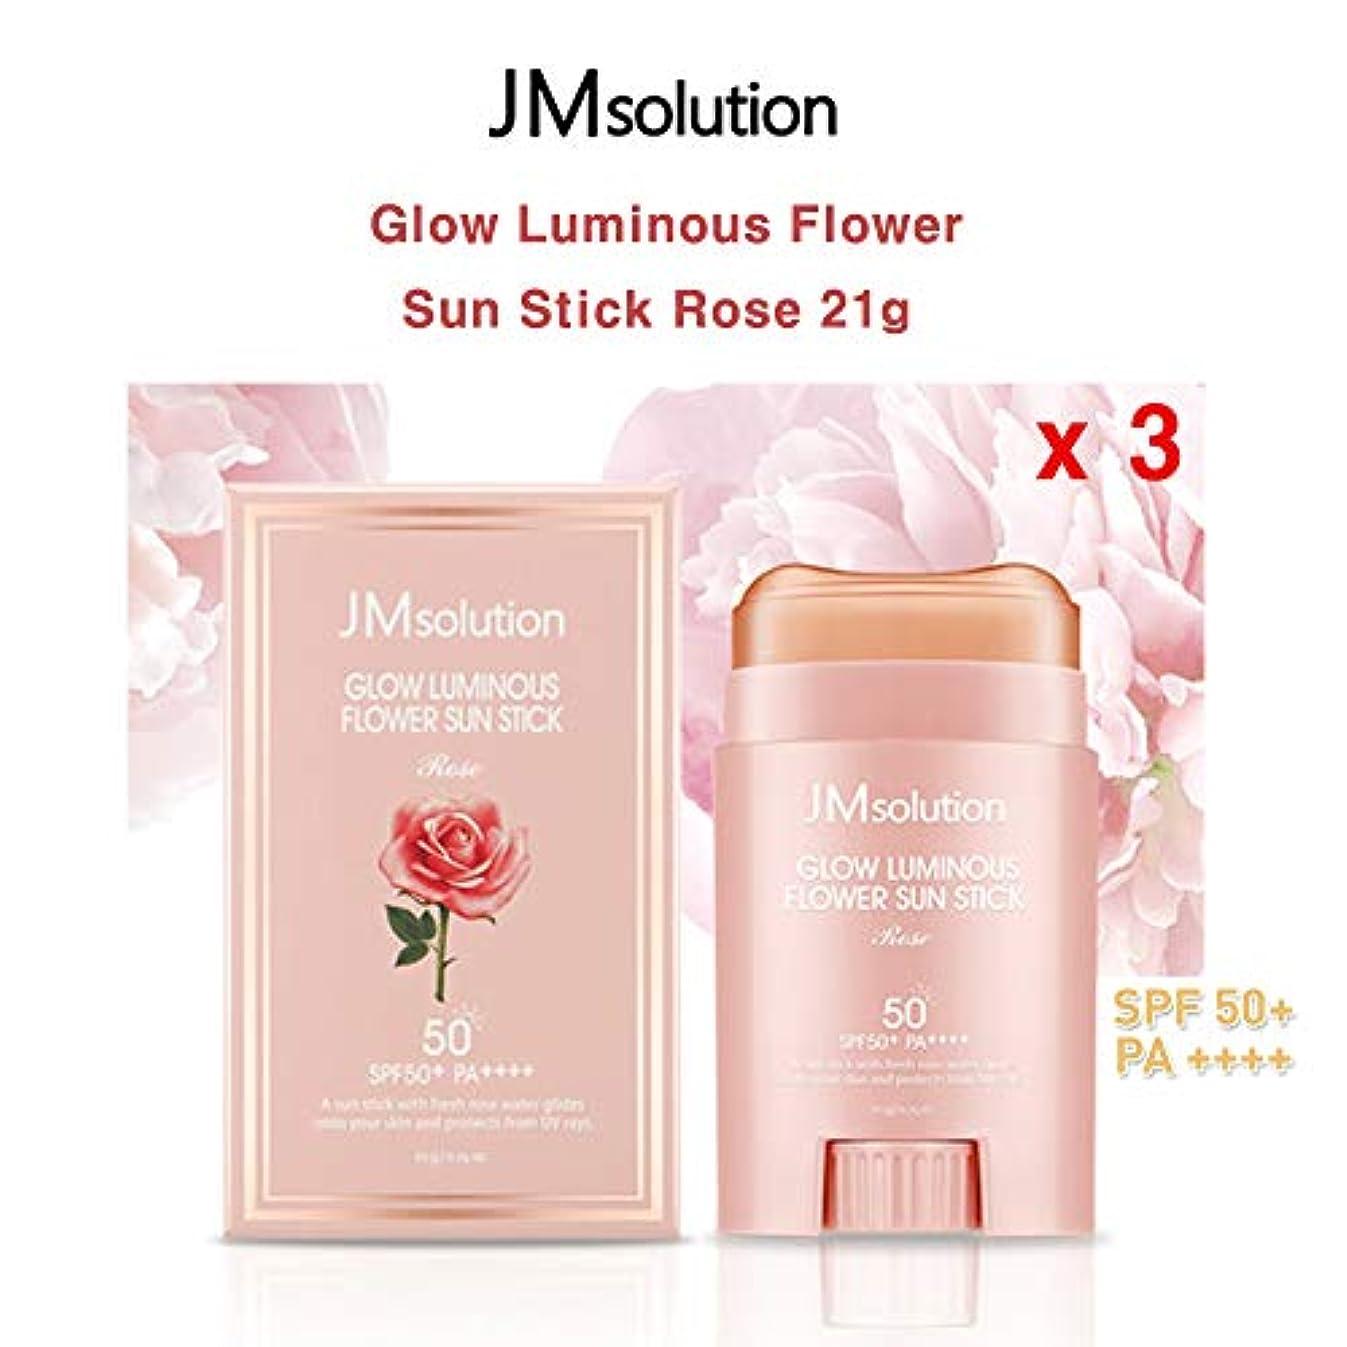 散髪少数最後のJM Solution ★1+1+1★ Glow Luminous Flower Sun Stick Rose 21g (spf50 PA) 光る輝く花Sun Stick Rose